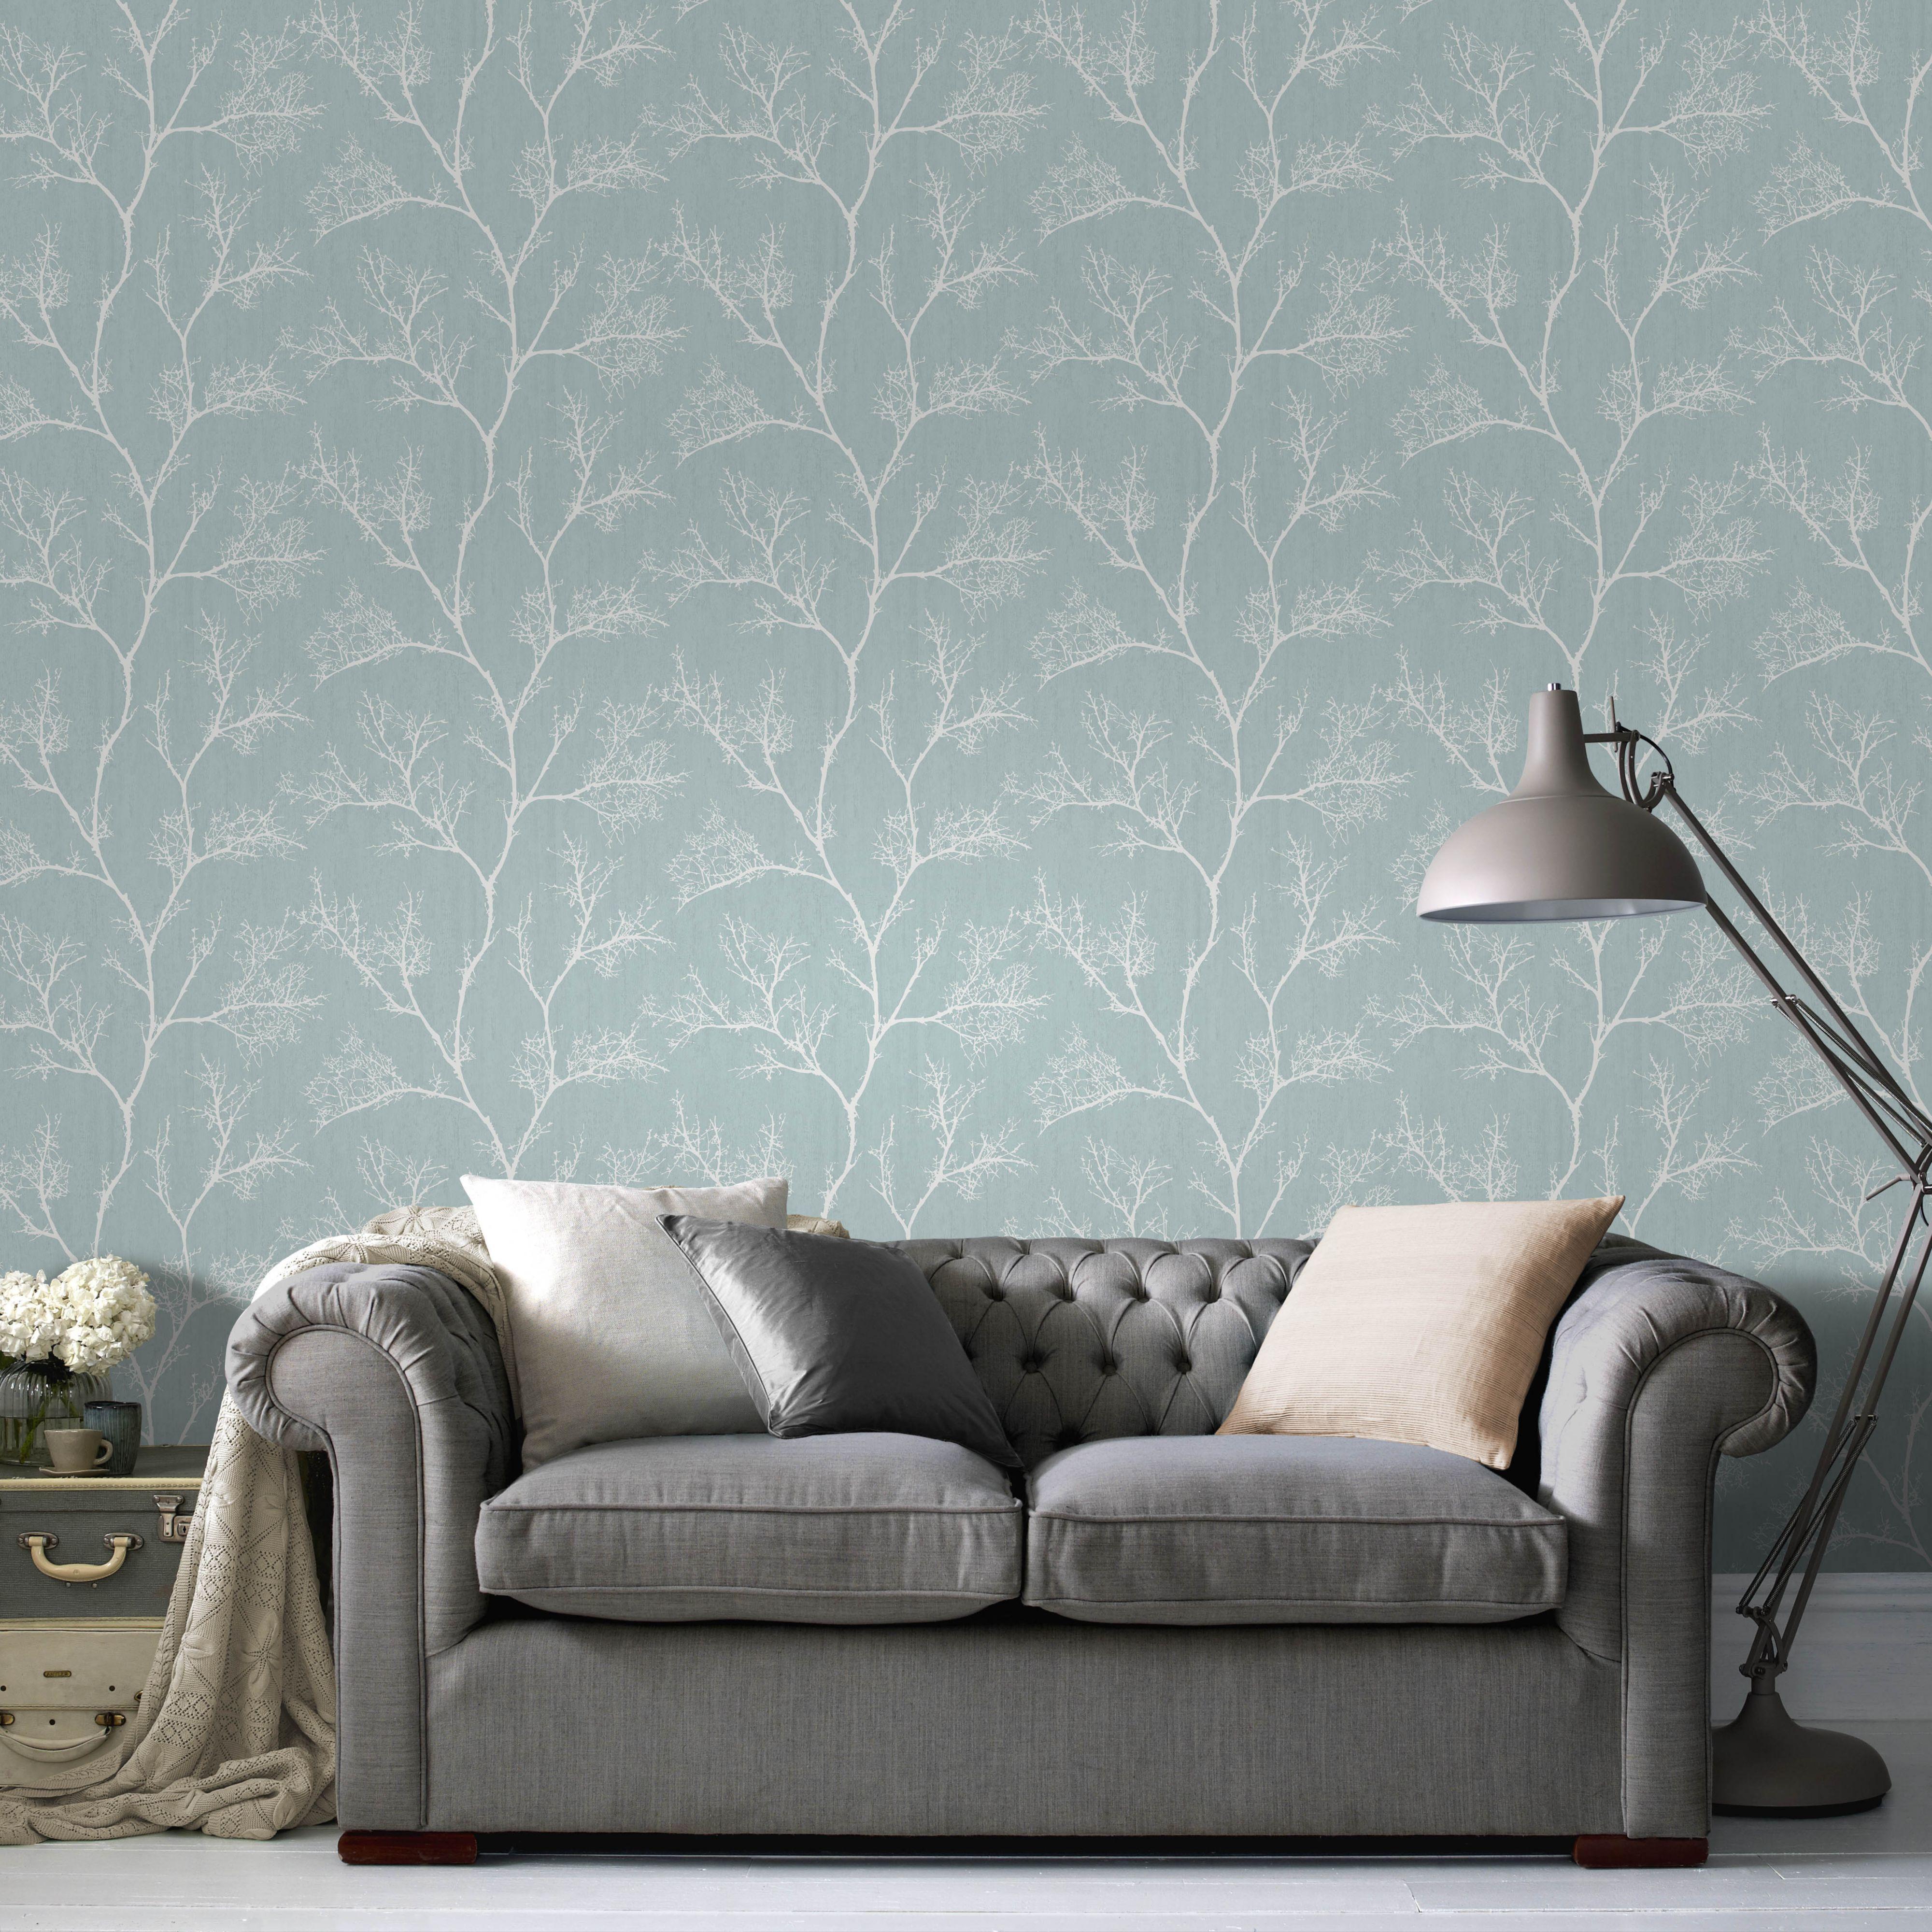 Beautiful Wallpaper Grey Duck Egg Blue - efadf47c63fd15efd26de97d195e6baa  Trends_869969.jpg